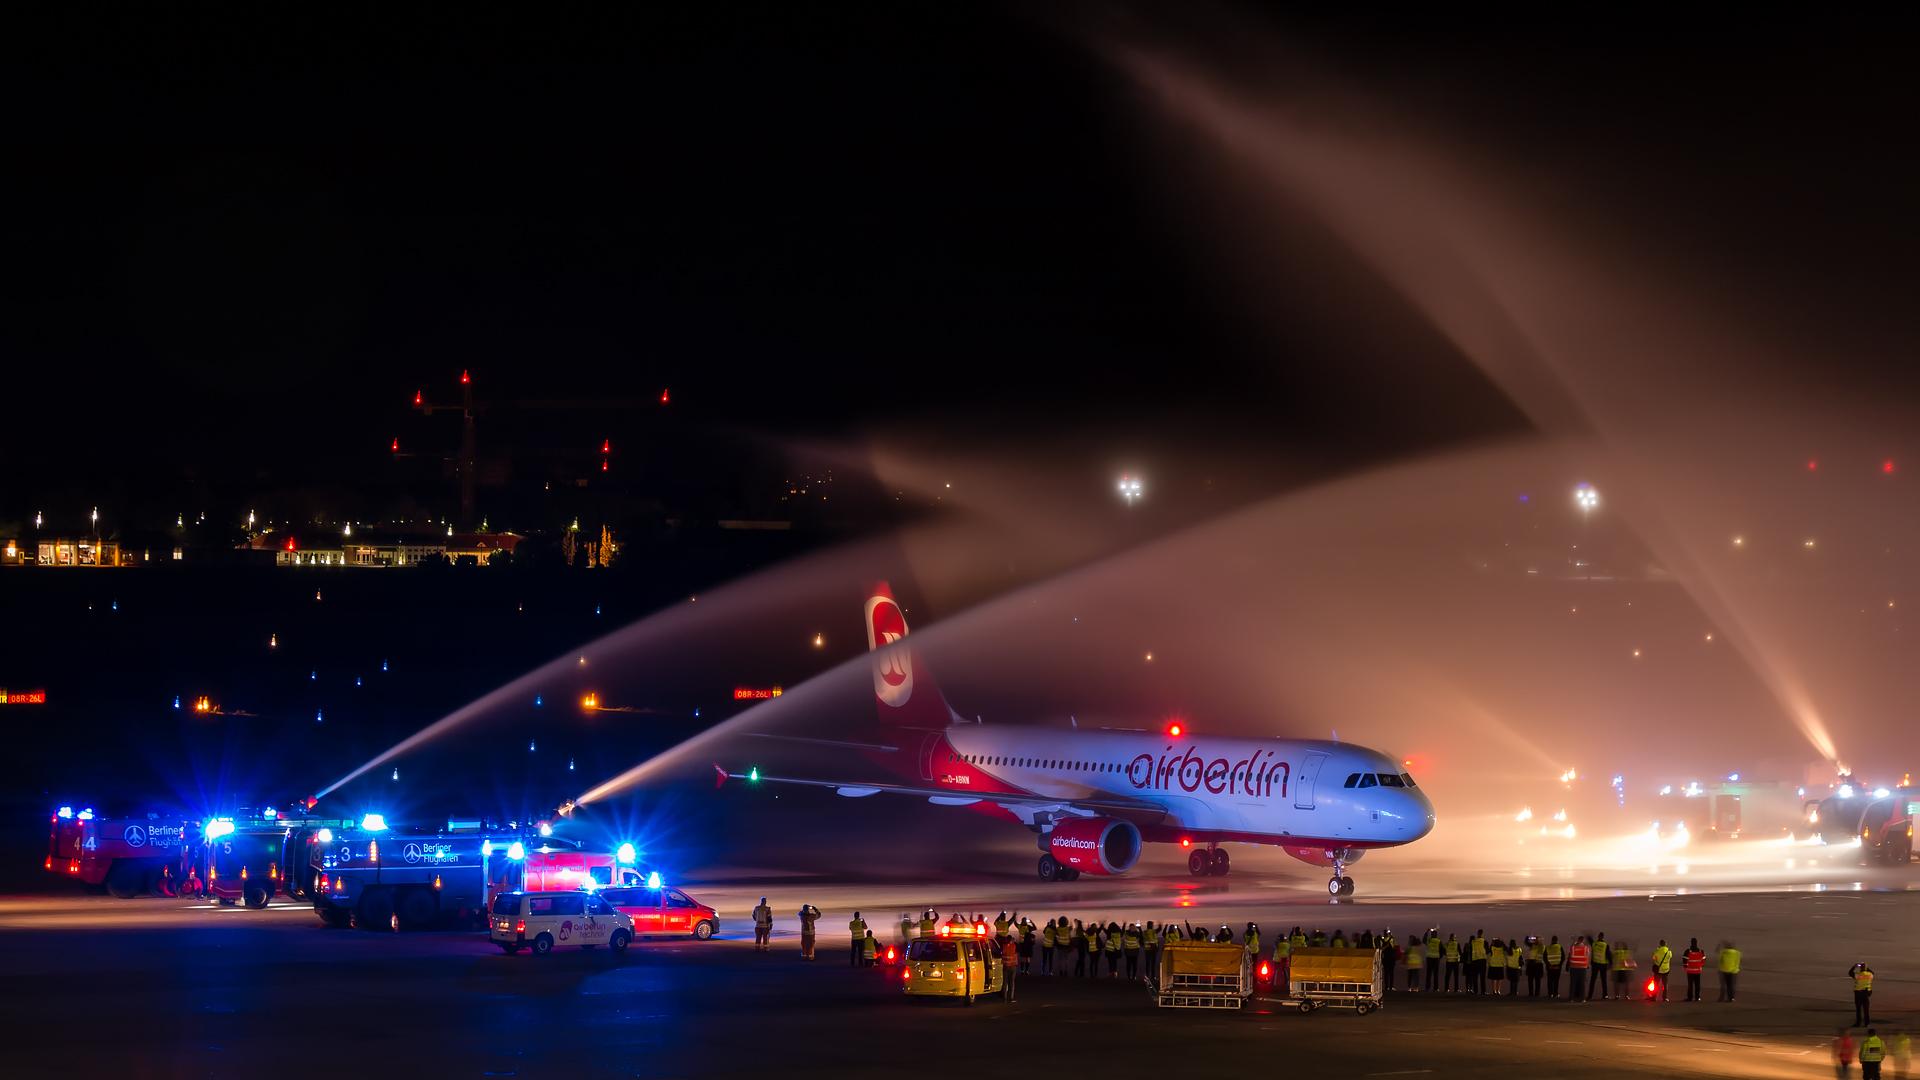 Bild der Boeing 320, welche am Abend des 27. Oktobers 2017 um 22:47 als letzter Air Berlin Flug am Flughafen Berlin Tegel eintrifft und begeistert empfangen wird